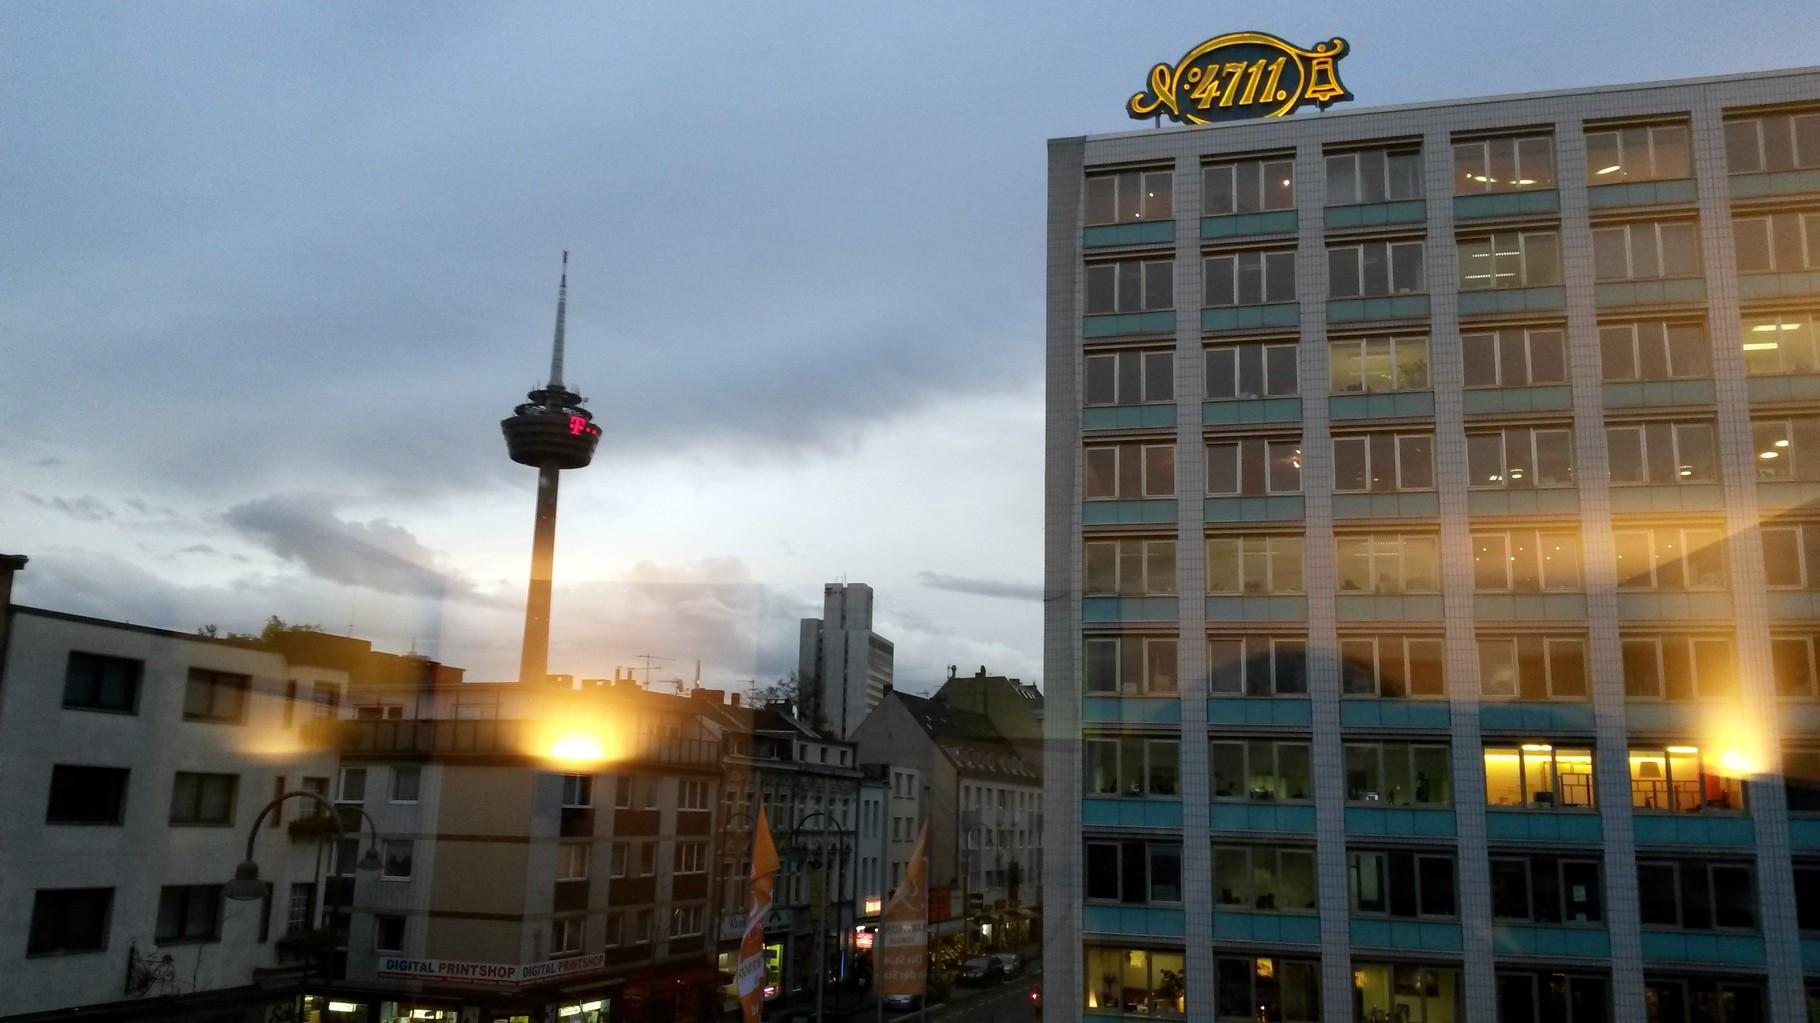 Ehrenfeld-Führung - Blick auf die ehemalige 4711-Verwaltung und den Kölner Fernsehturm